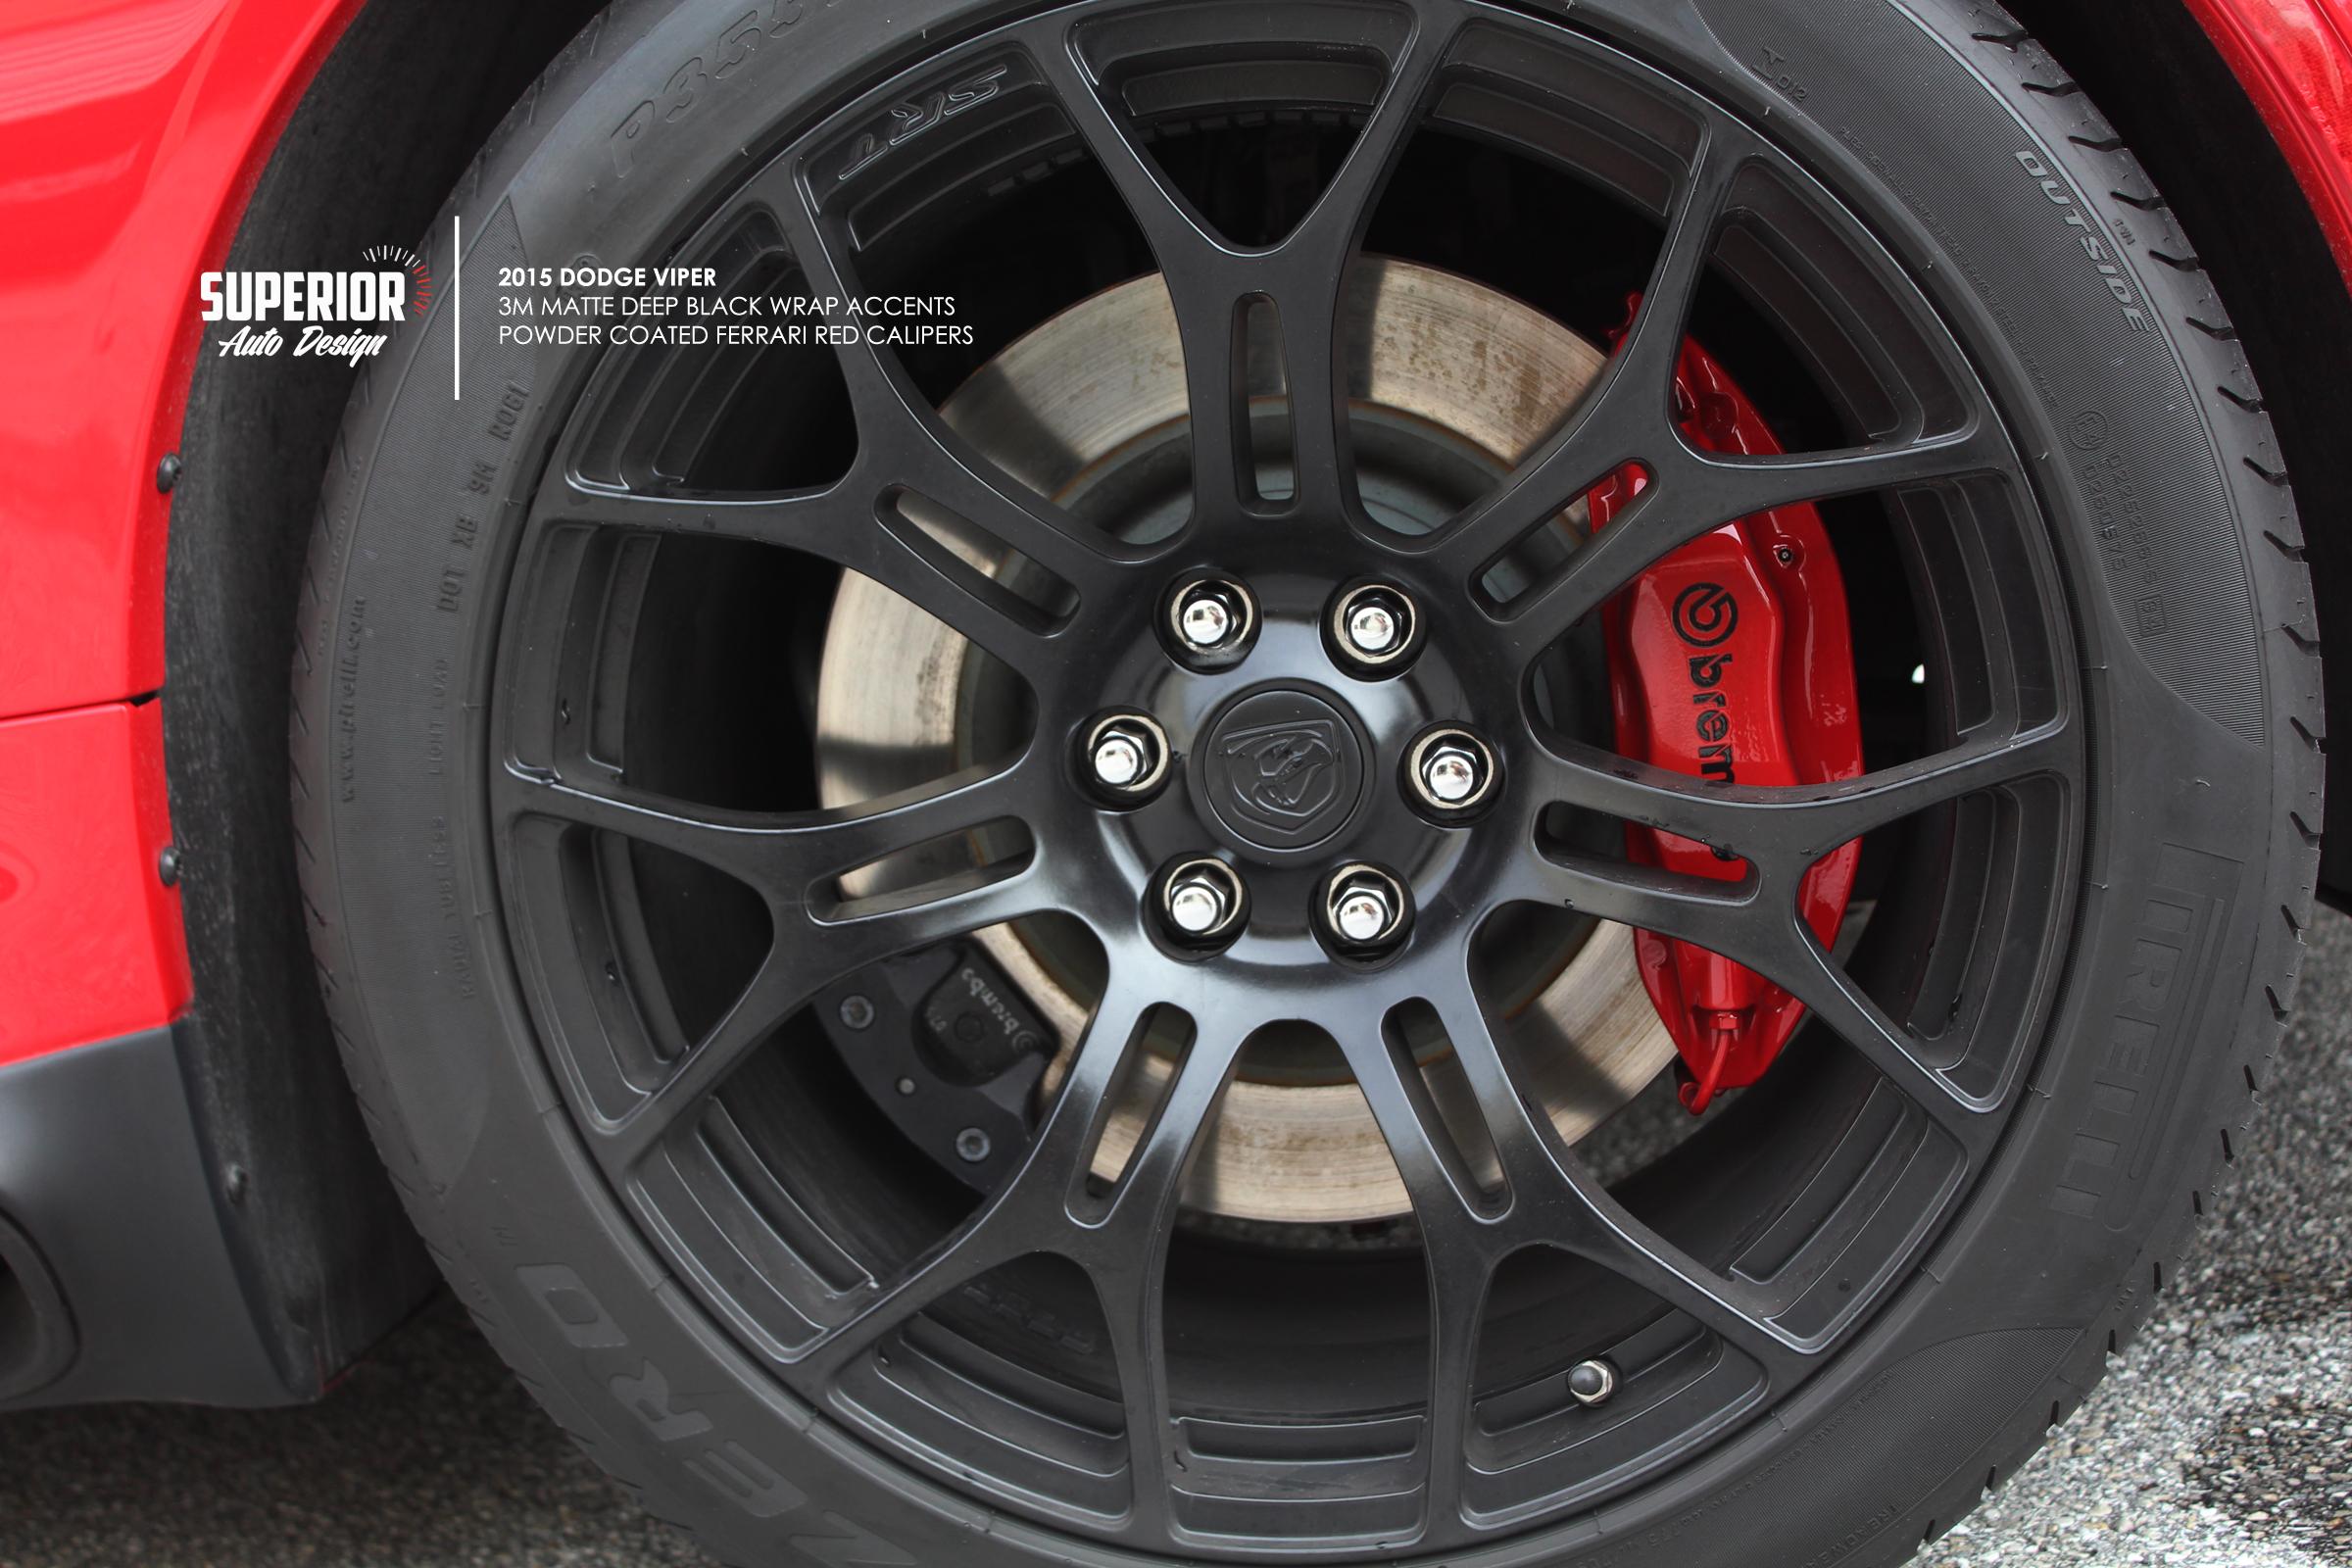 DODGE VIPER SUPERIOR AUTO DESIGN 6